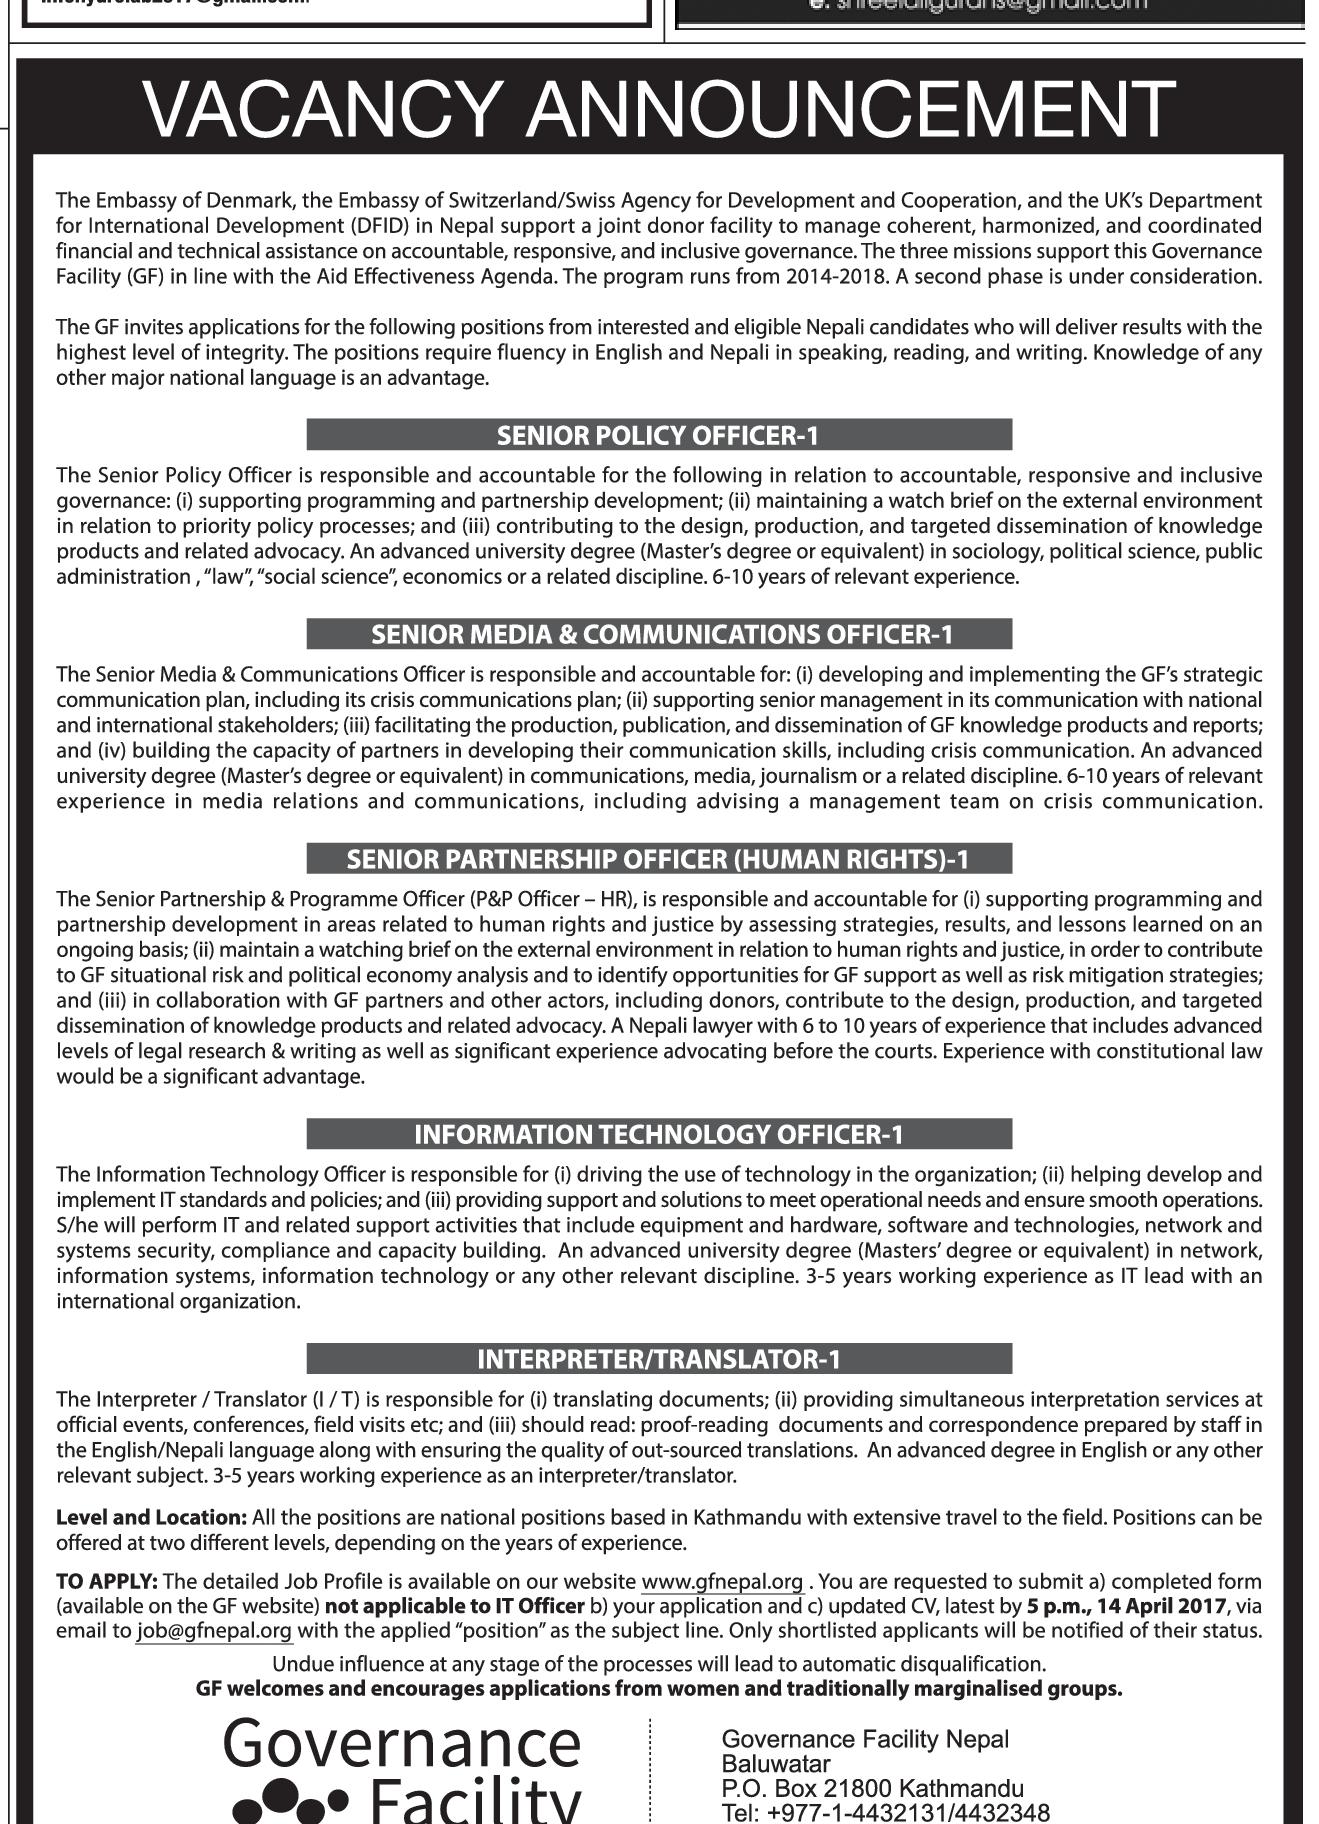 Job Vacancies in Denmark Embassy